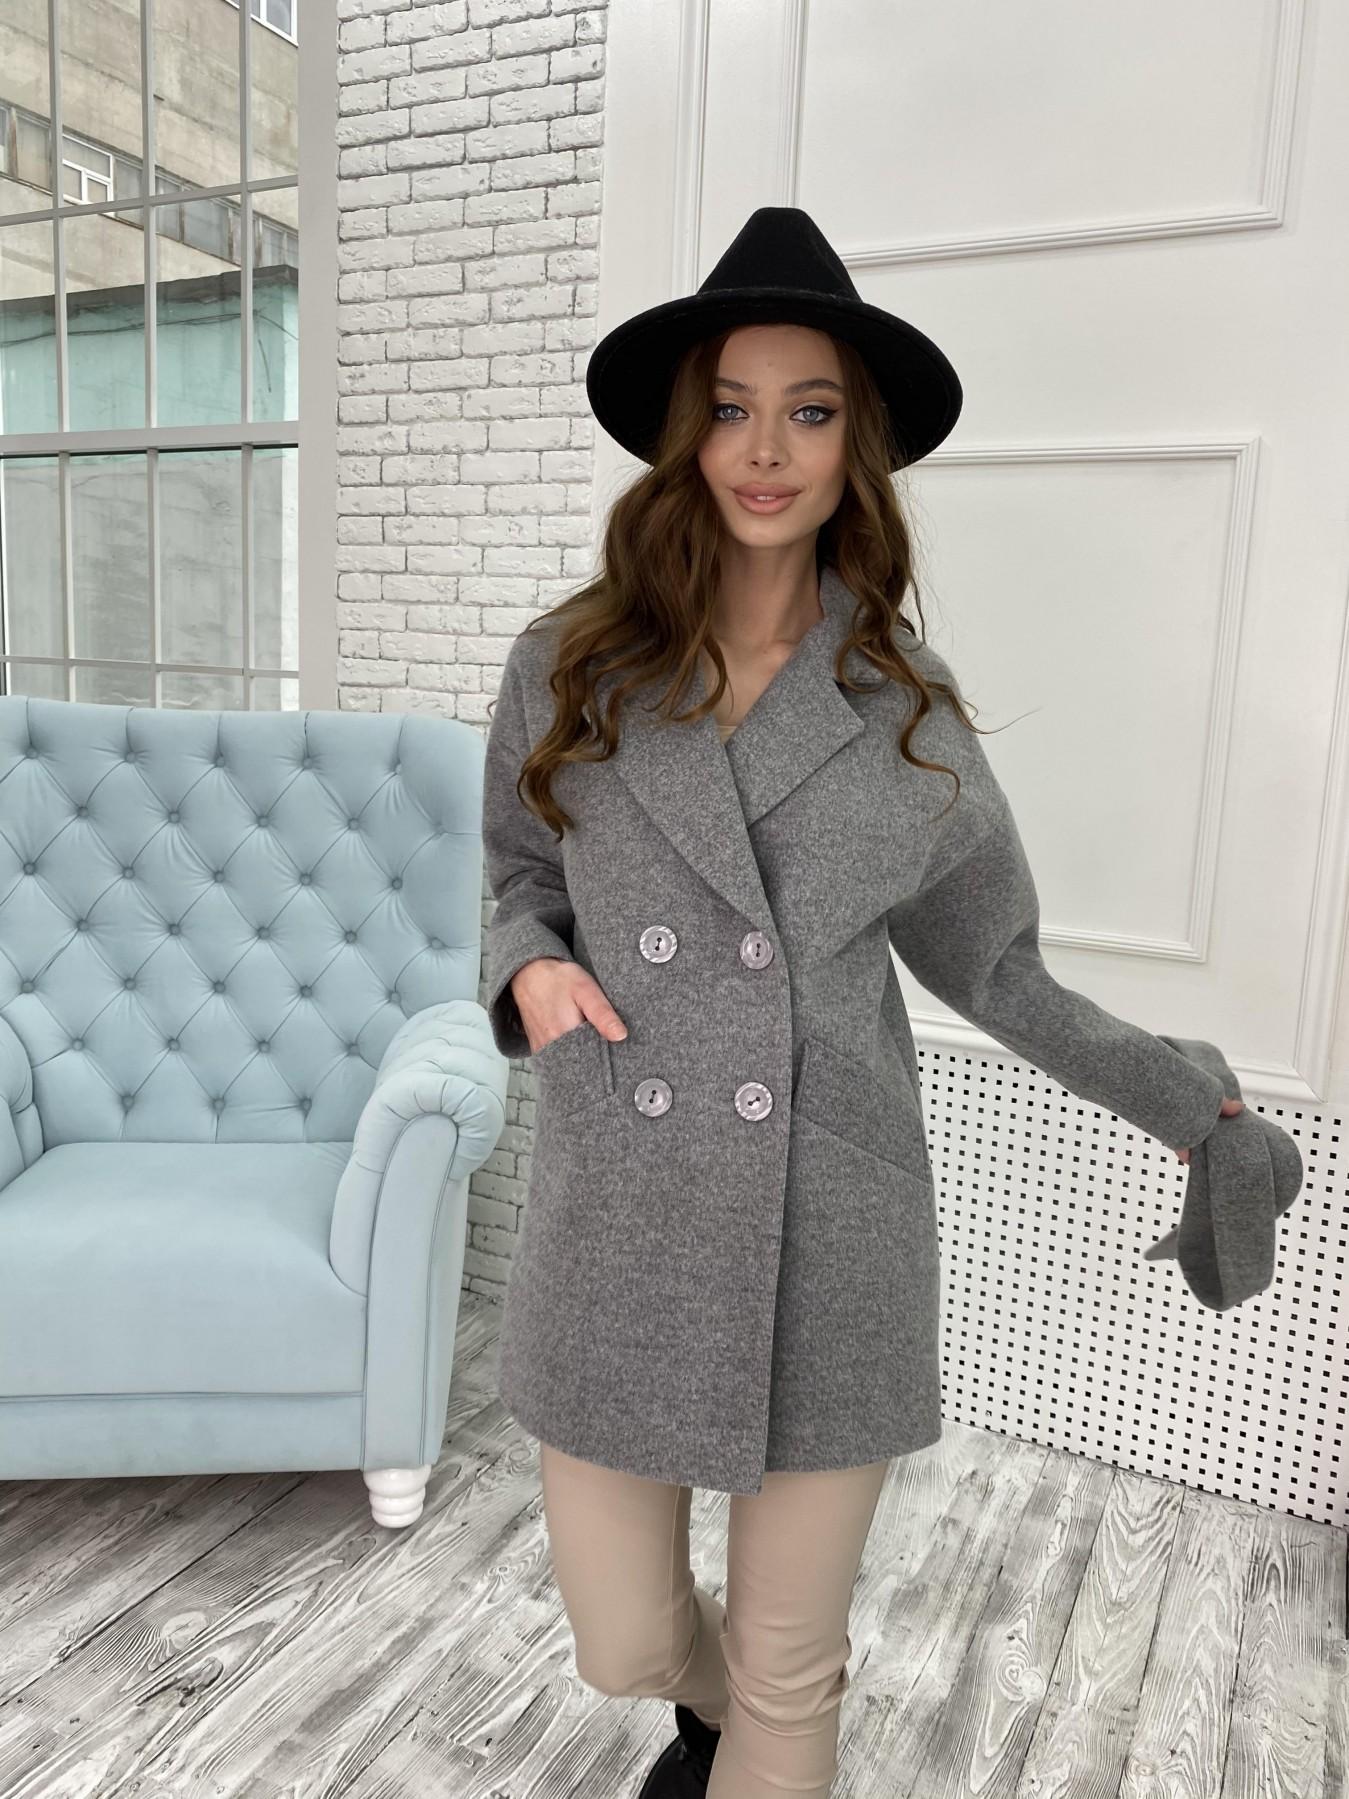 Бонд пальто  кашемировое меланж на трикотаже  10644 АРТ. 47176 Цвет: Серый 1 - фото 2, интернет магазин tm-modus.ru